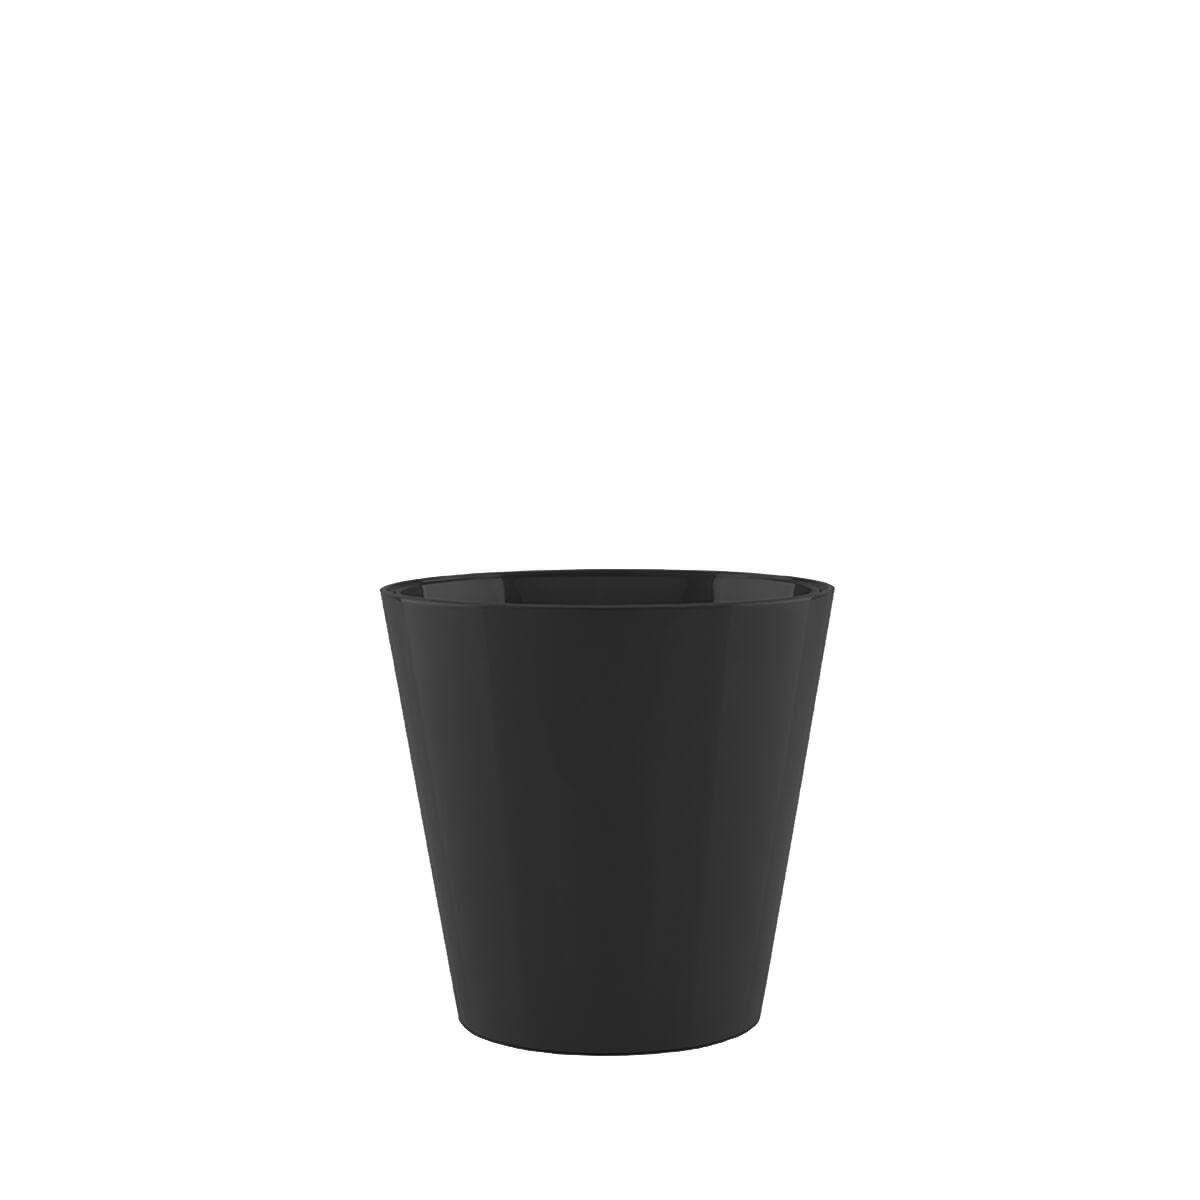 Vaso Porto Alto 13 x 15 cm Preto Vasart